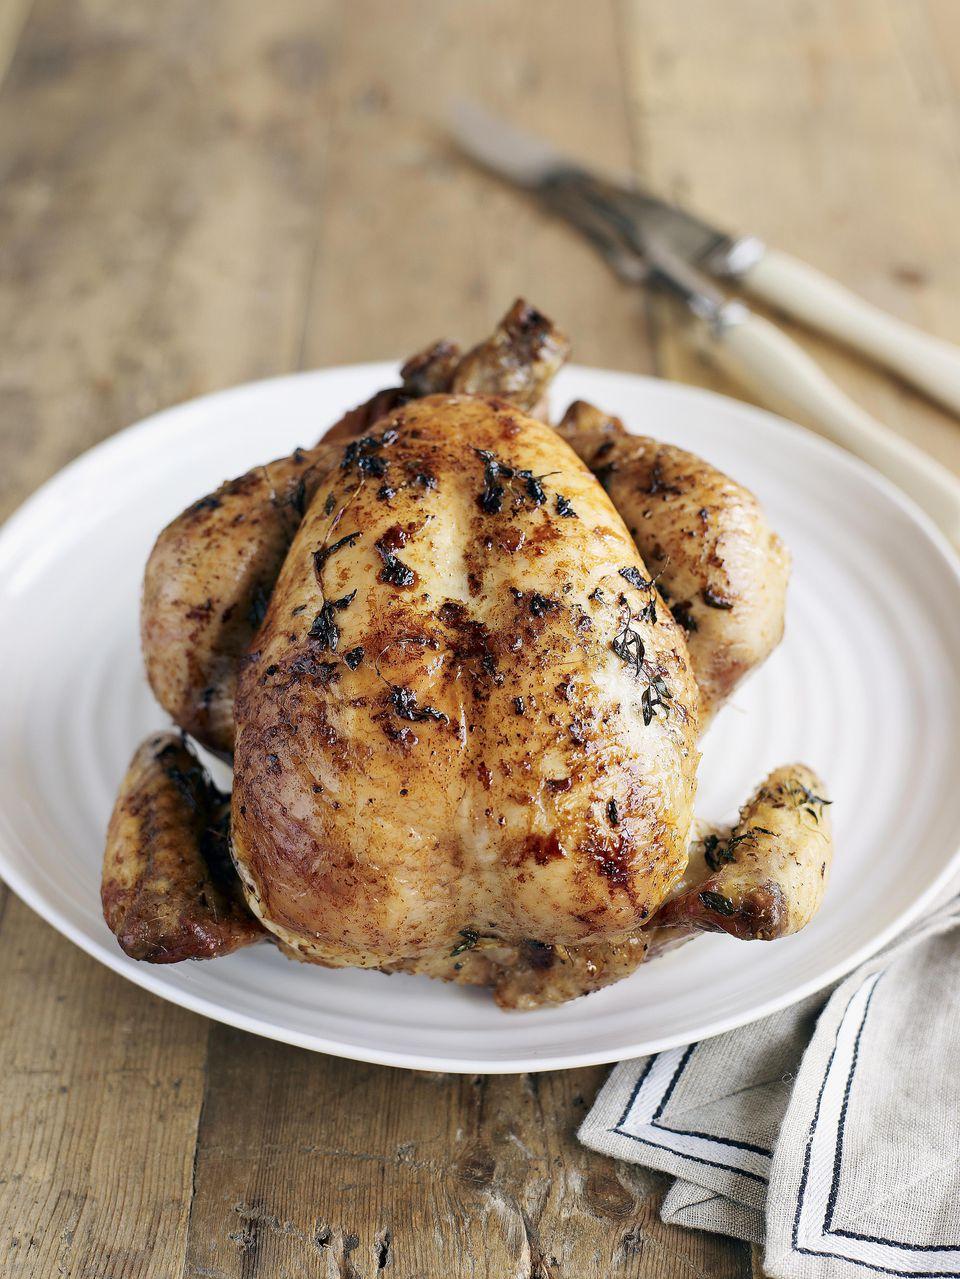 Garlic-Lemon Rotisserie Chicken